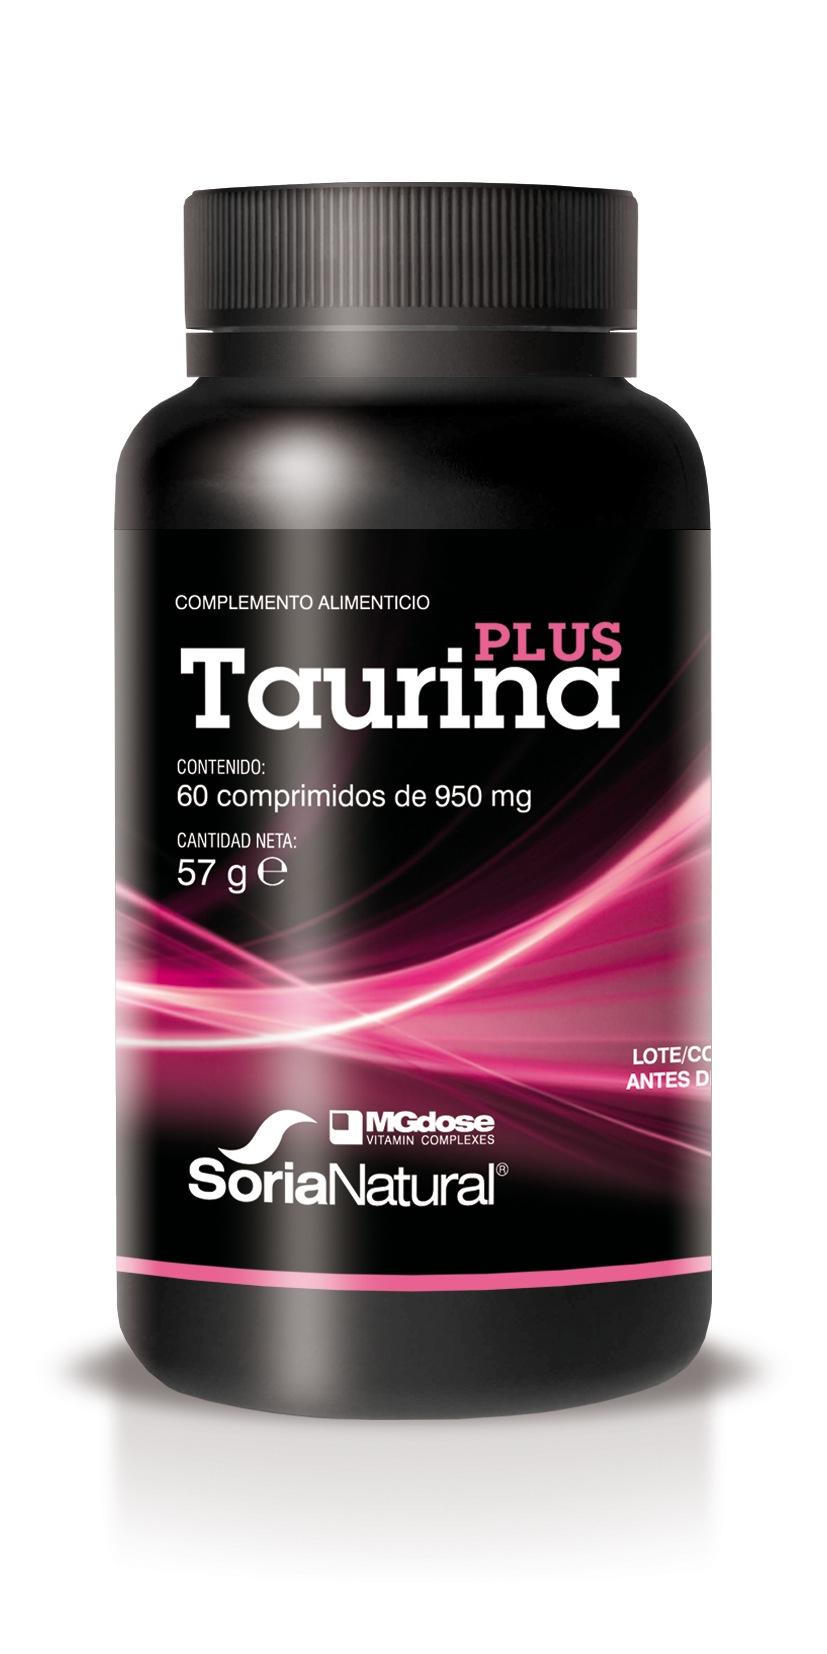 Taurina plus